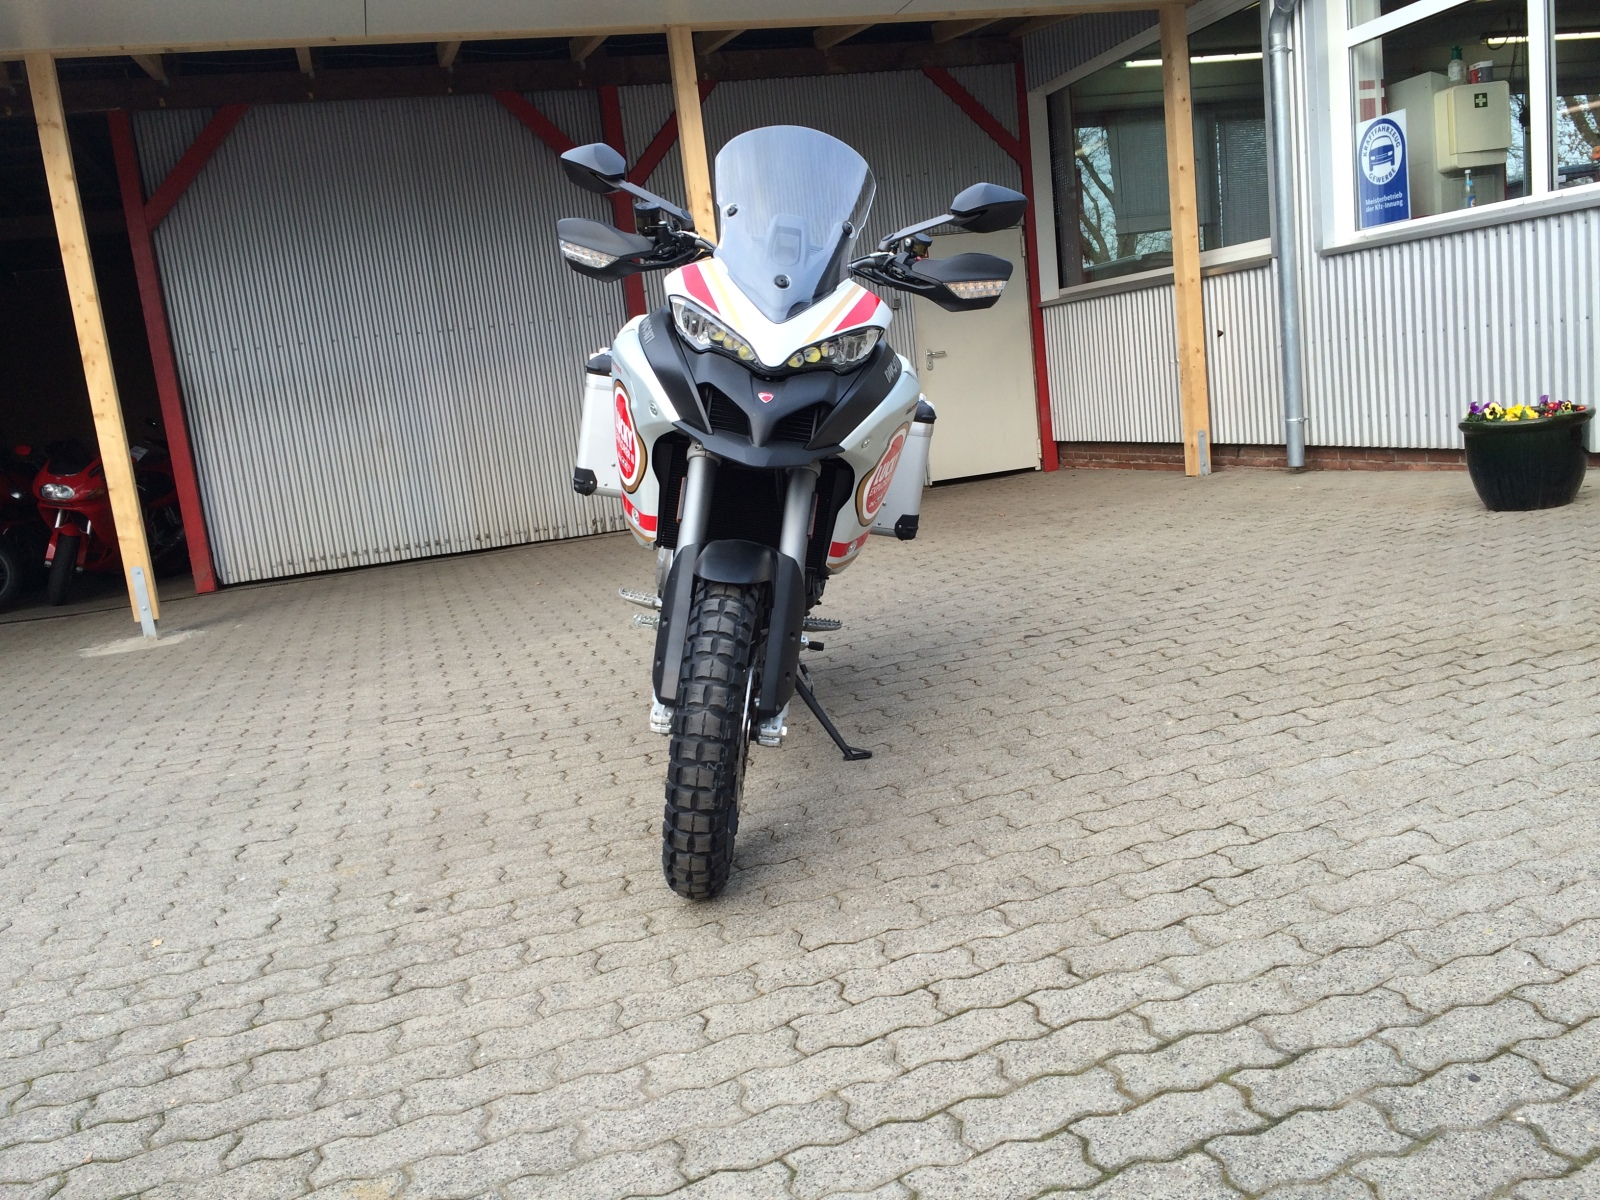 Multistrada 1200 Enduro by Ducati -SH cc-r